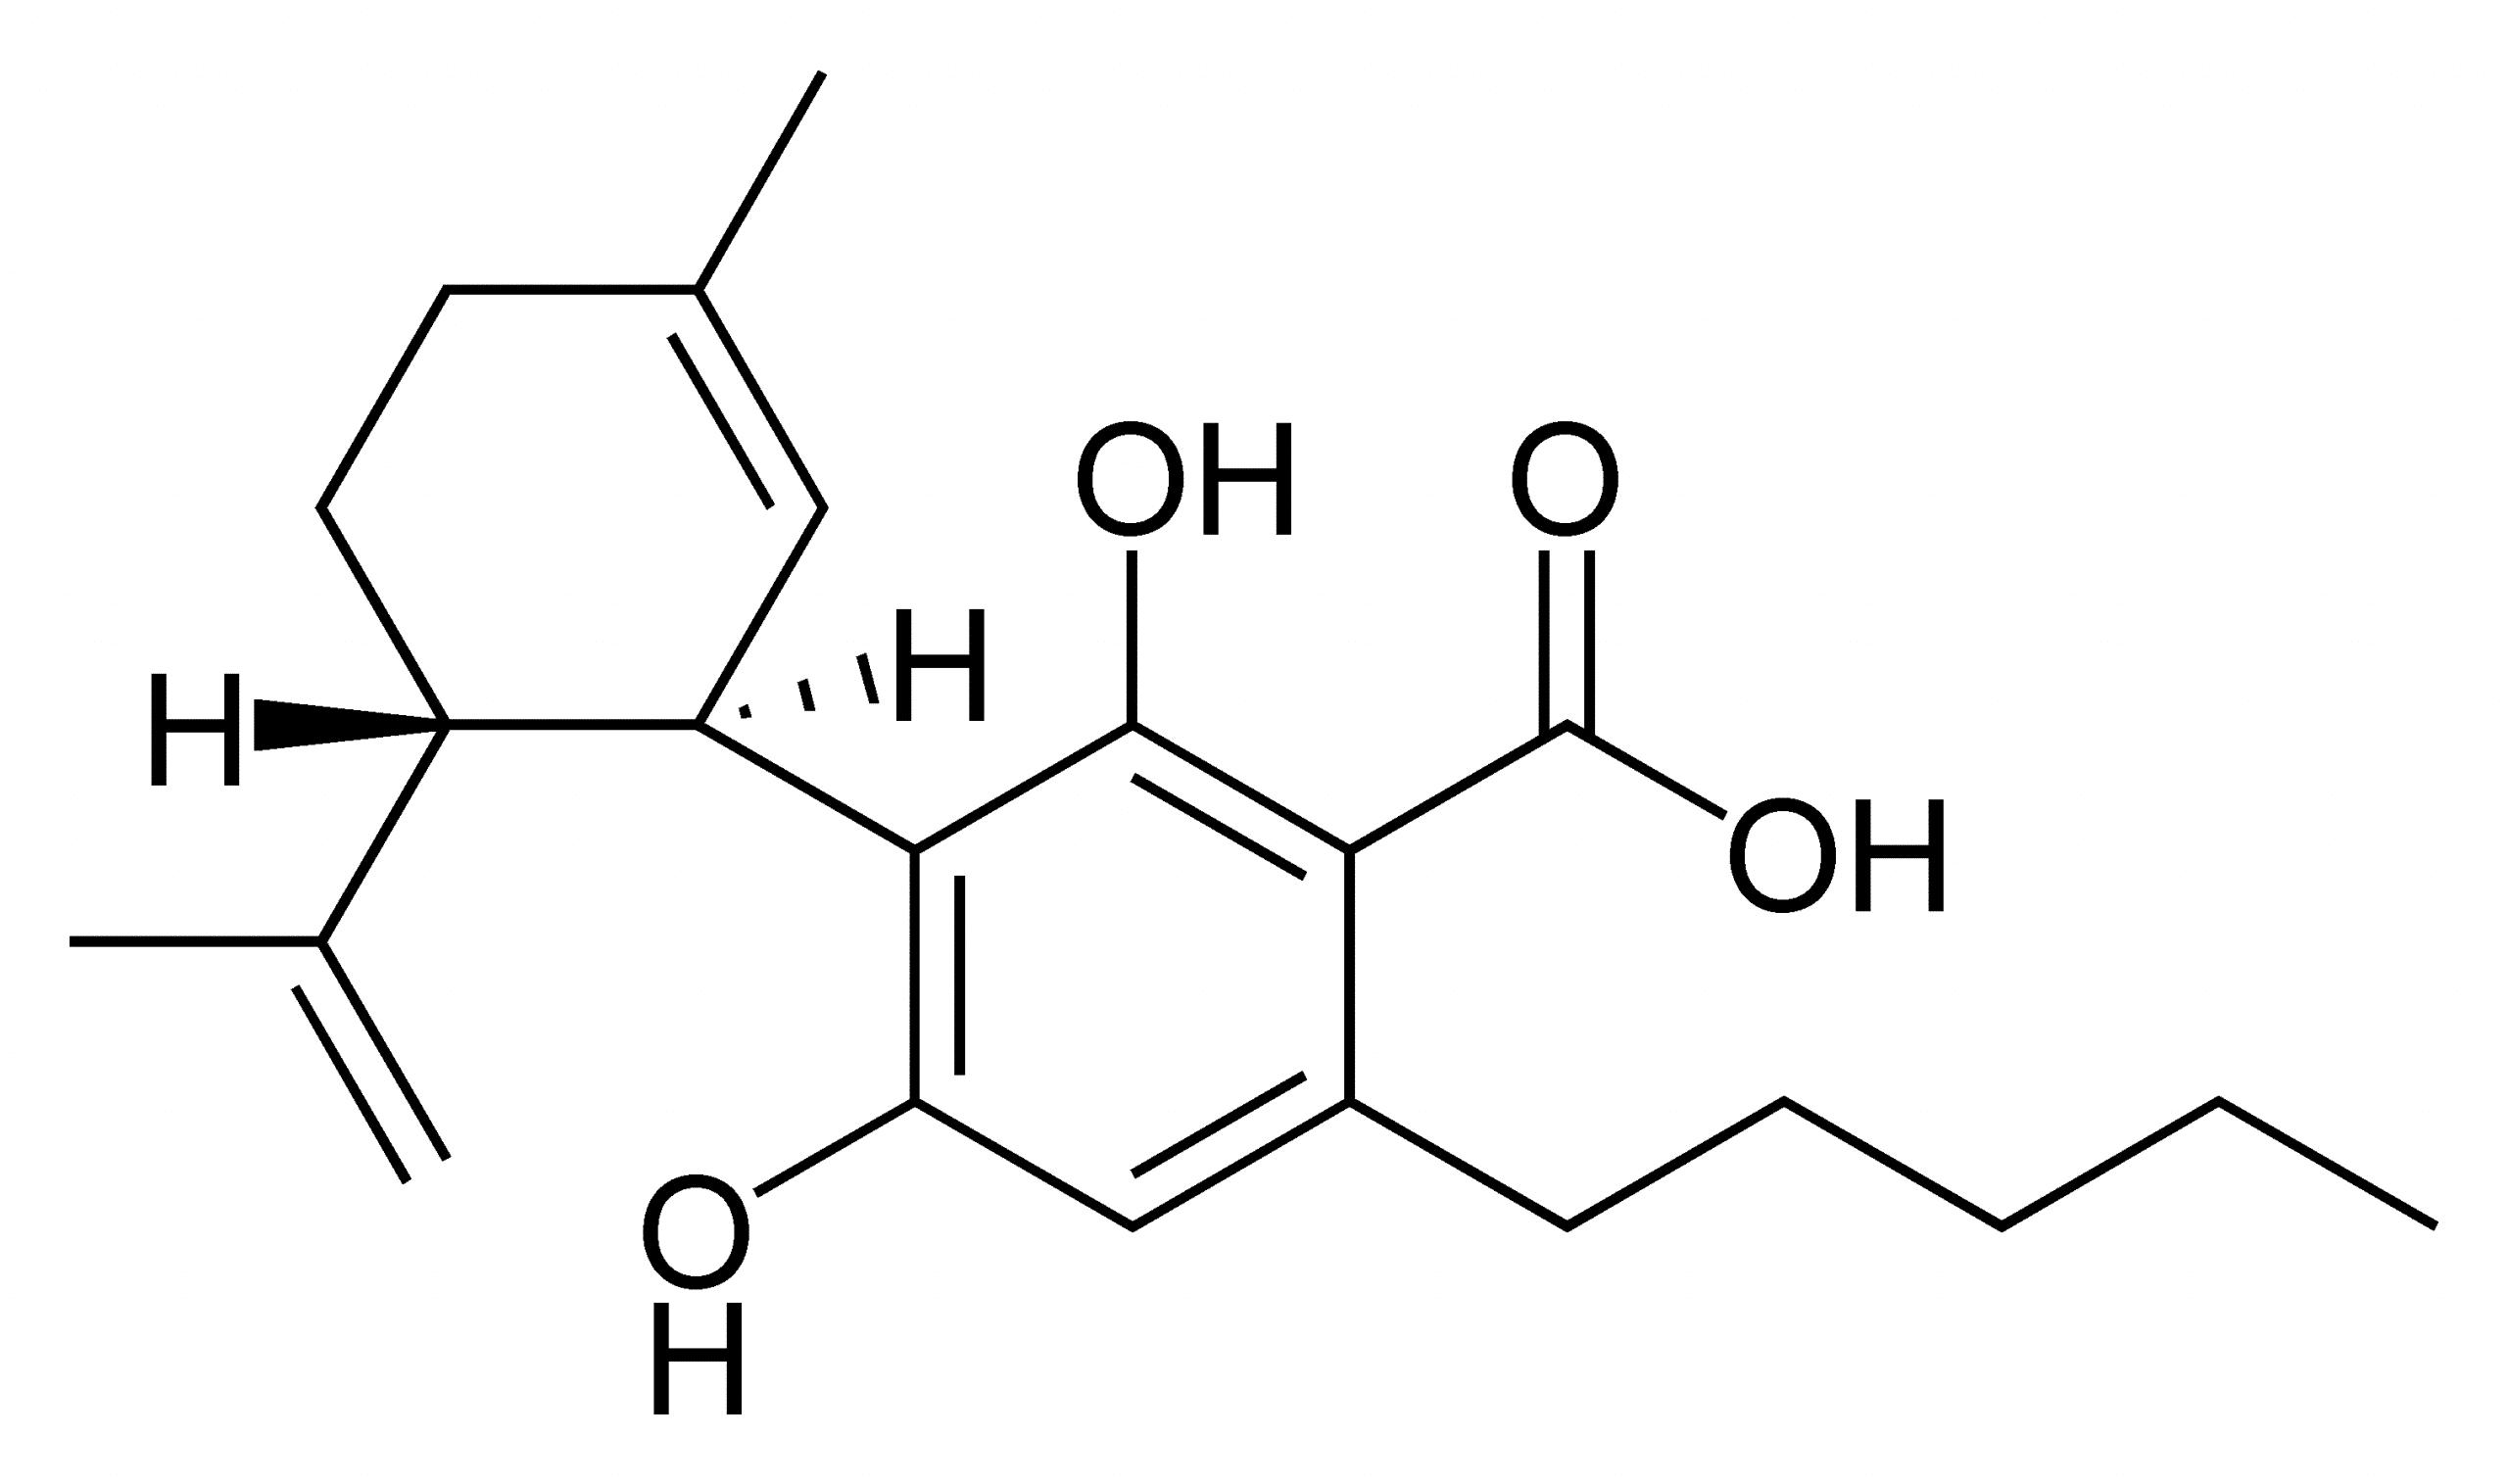 CBD vd. CBDa: Was sind die Unterschiede zwischen diesen Molekülen?